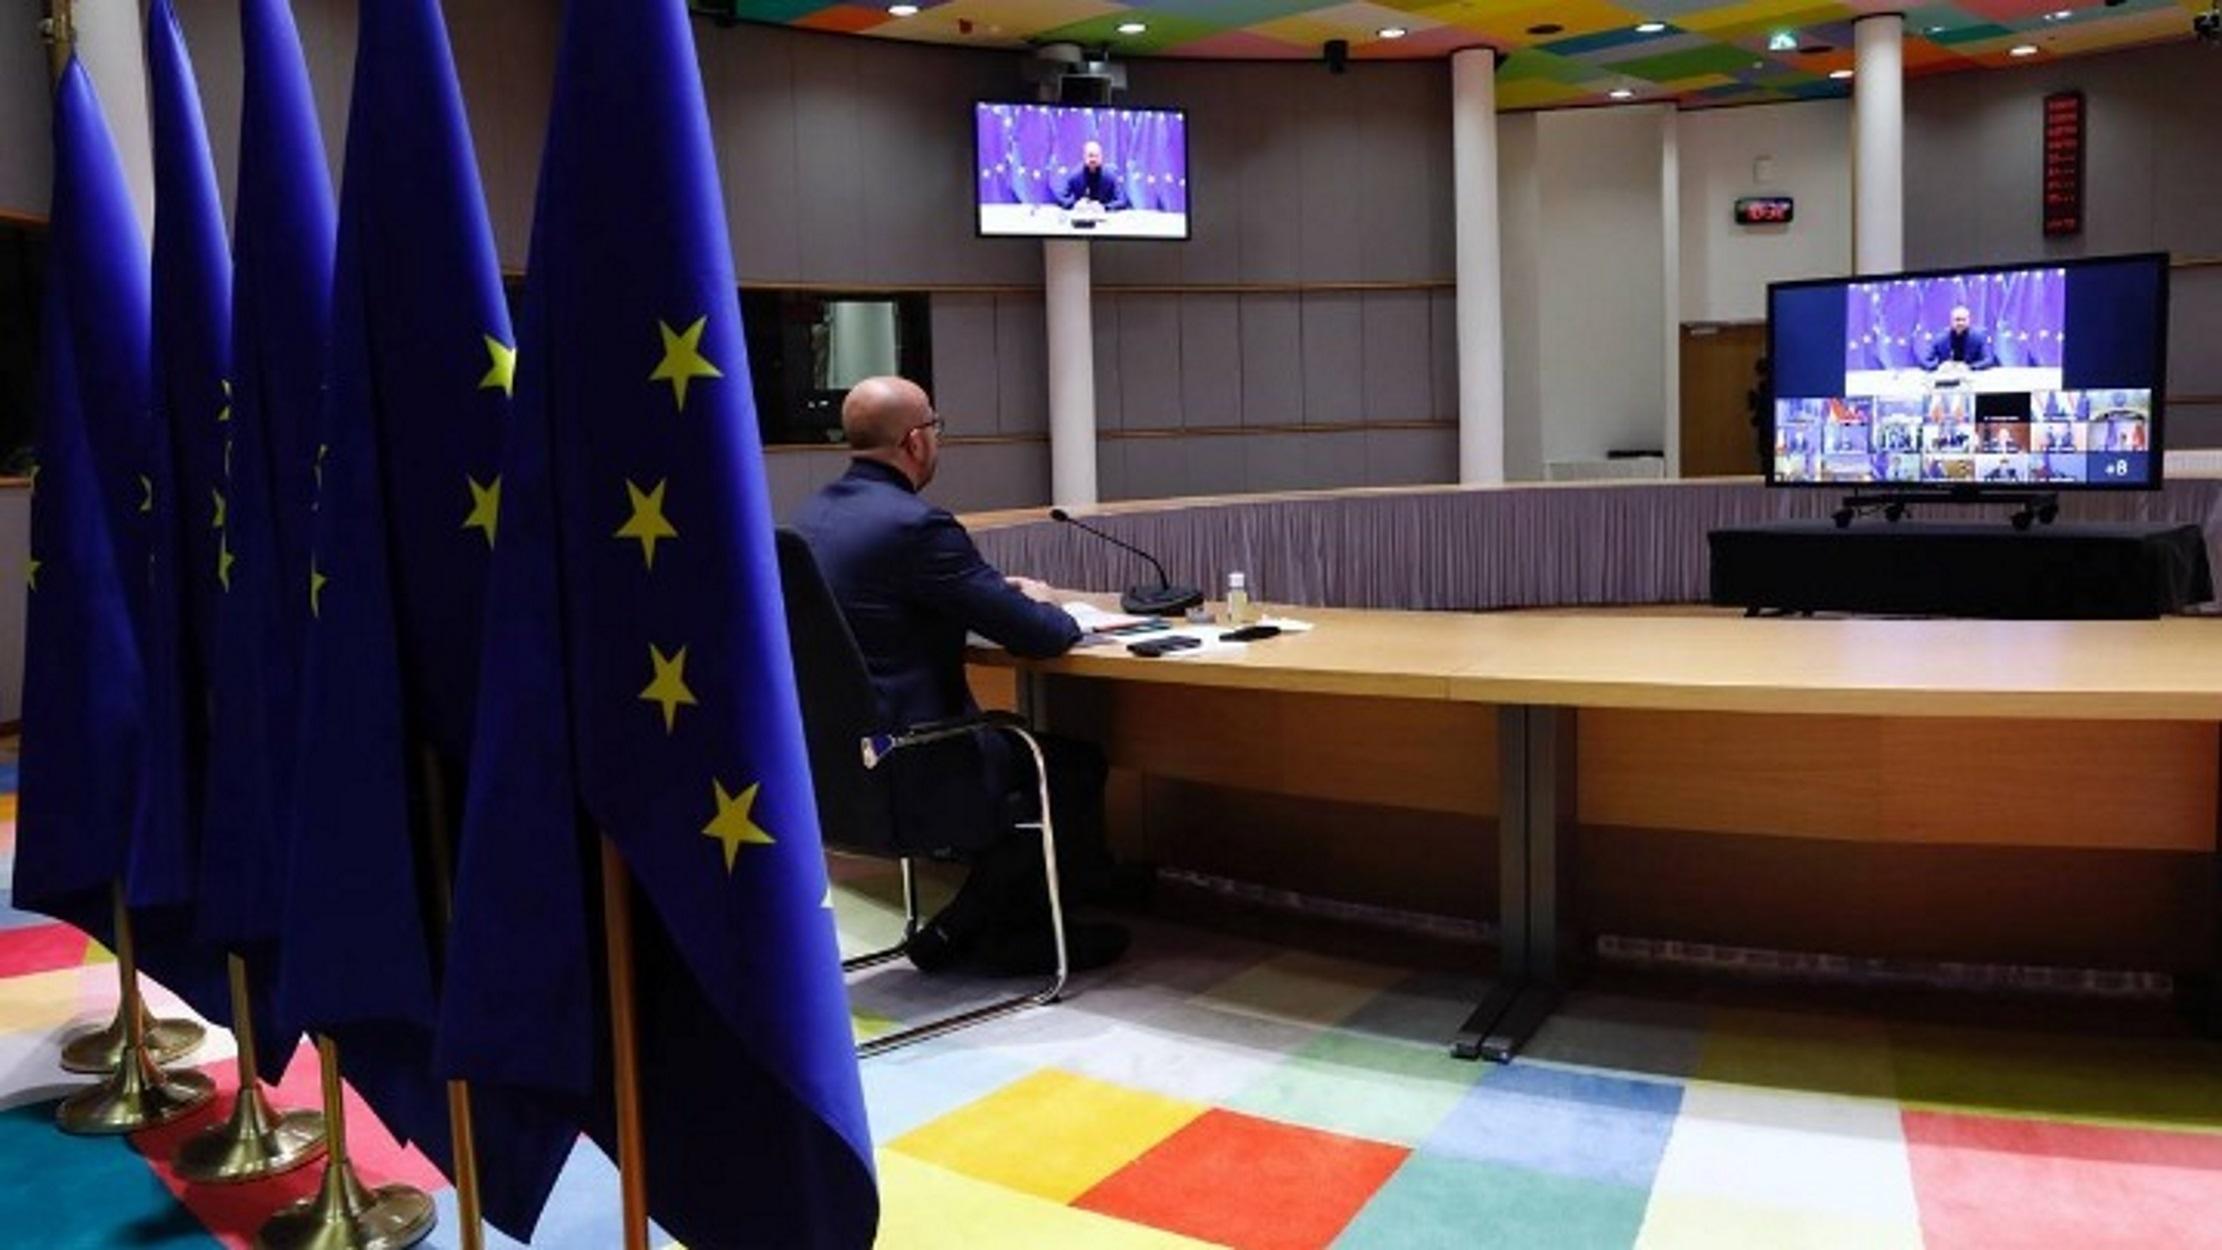 Κορονοϊός: Νέα τηλεδιάσκεψη των 27 ηγετών της ΕΕ